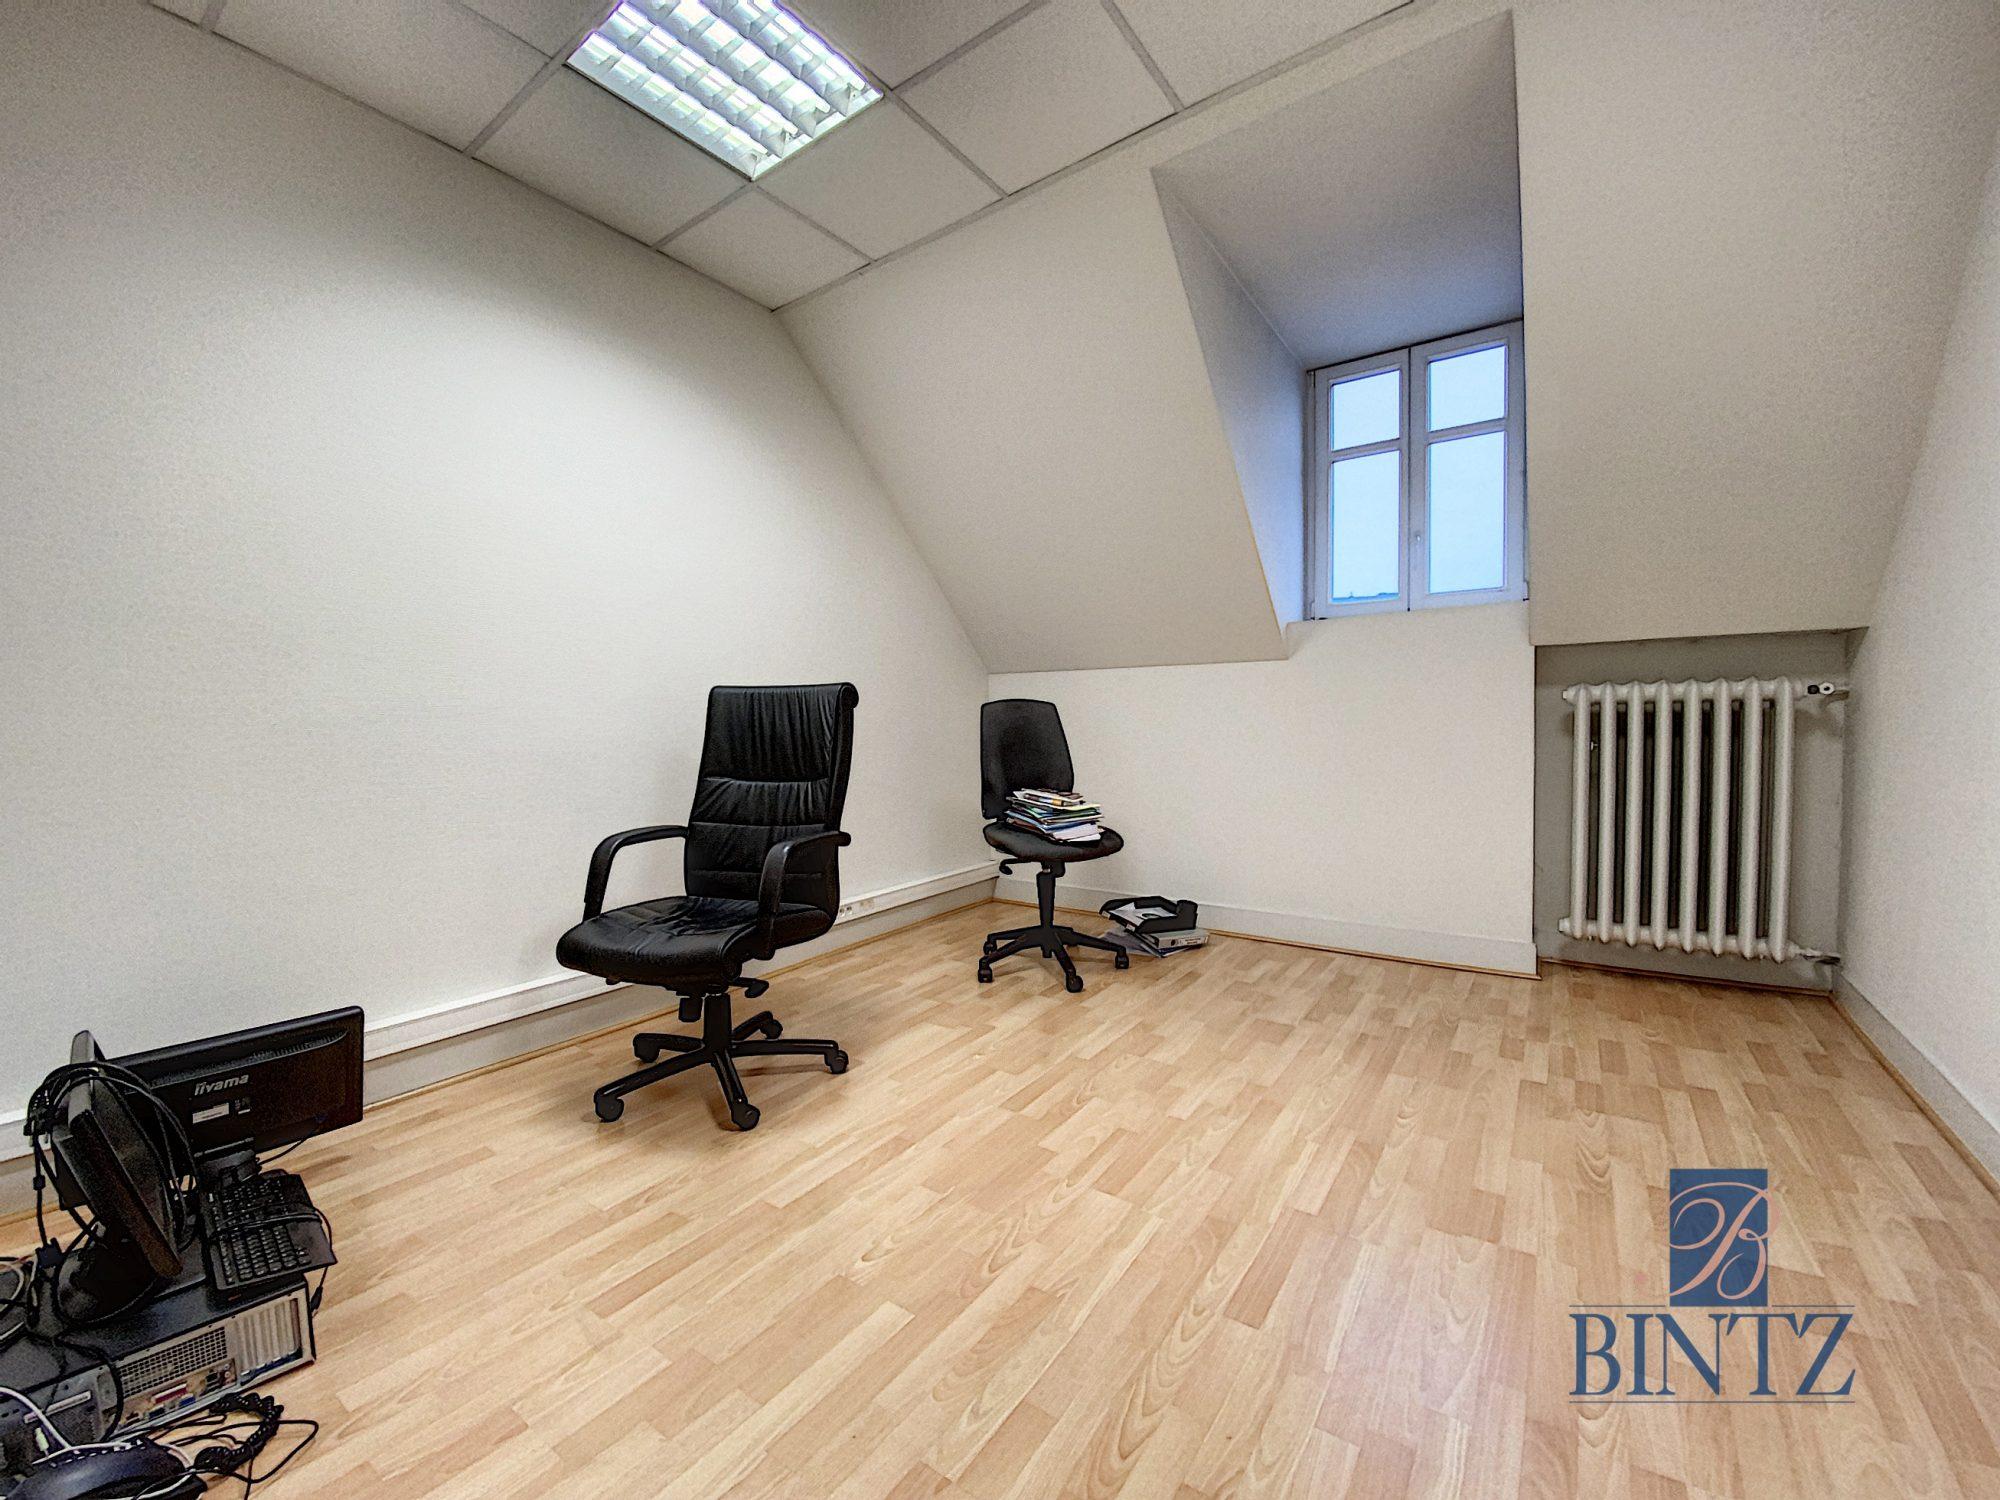 Immeuble de bureaux à louer - Devenez locataire en toute sérénité - Bintz Immobilier - 17